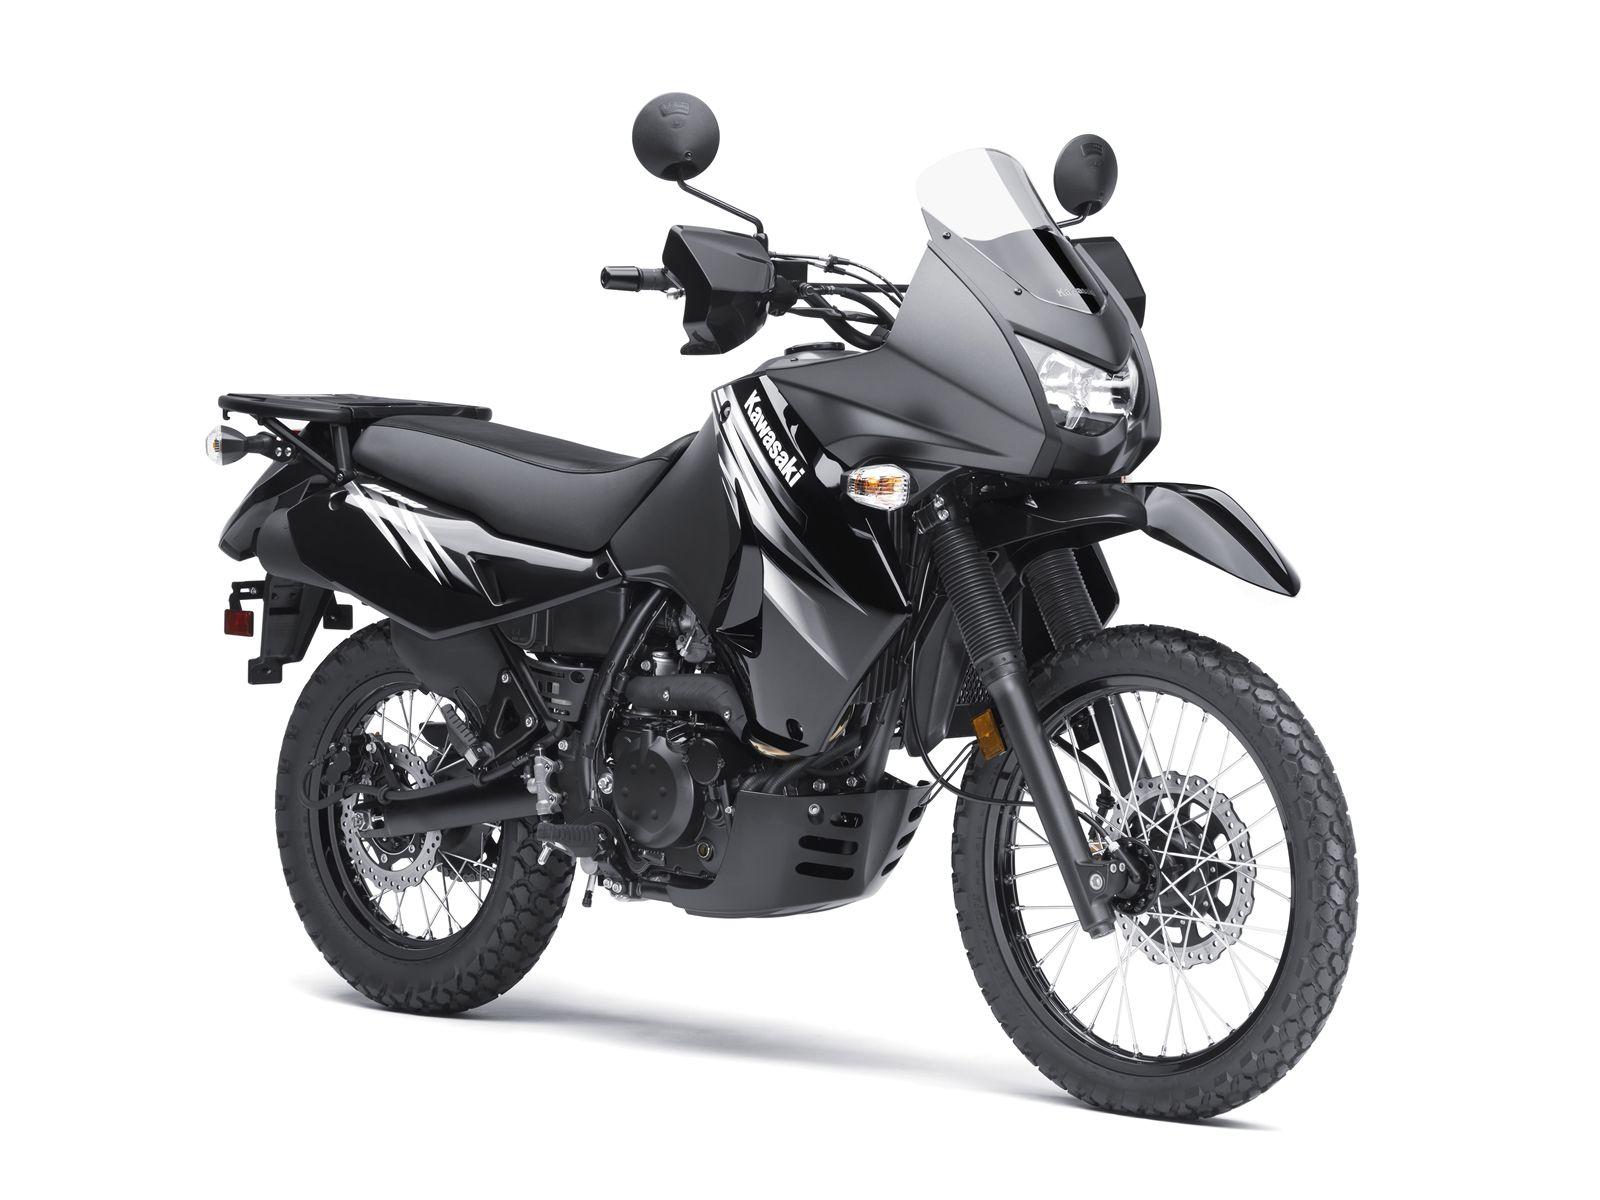 2012 Kawasaki KLR 650, best of both worlds! Kawasaki